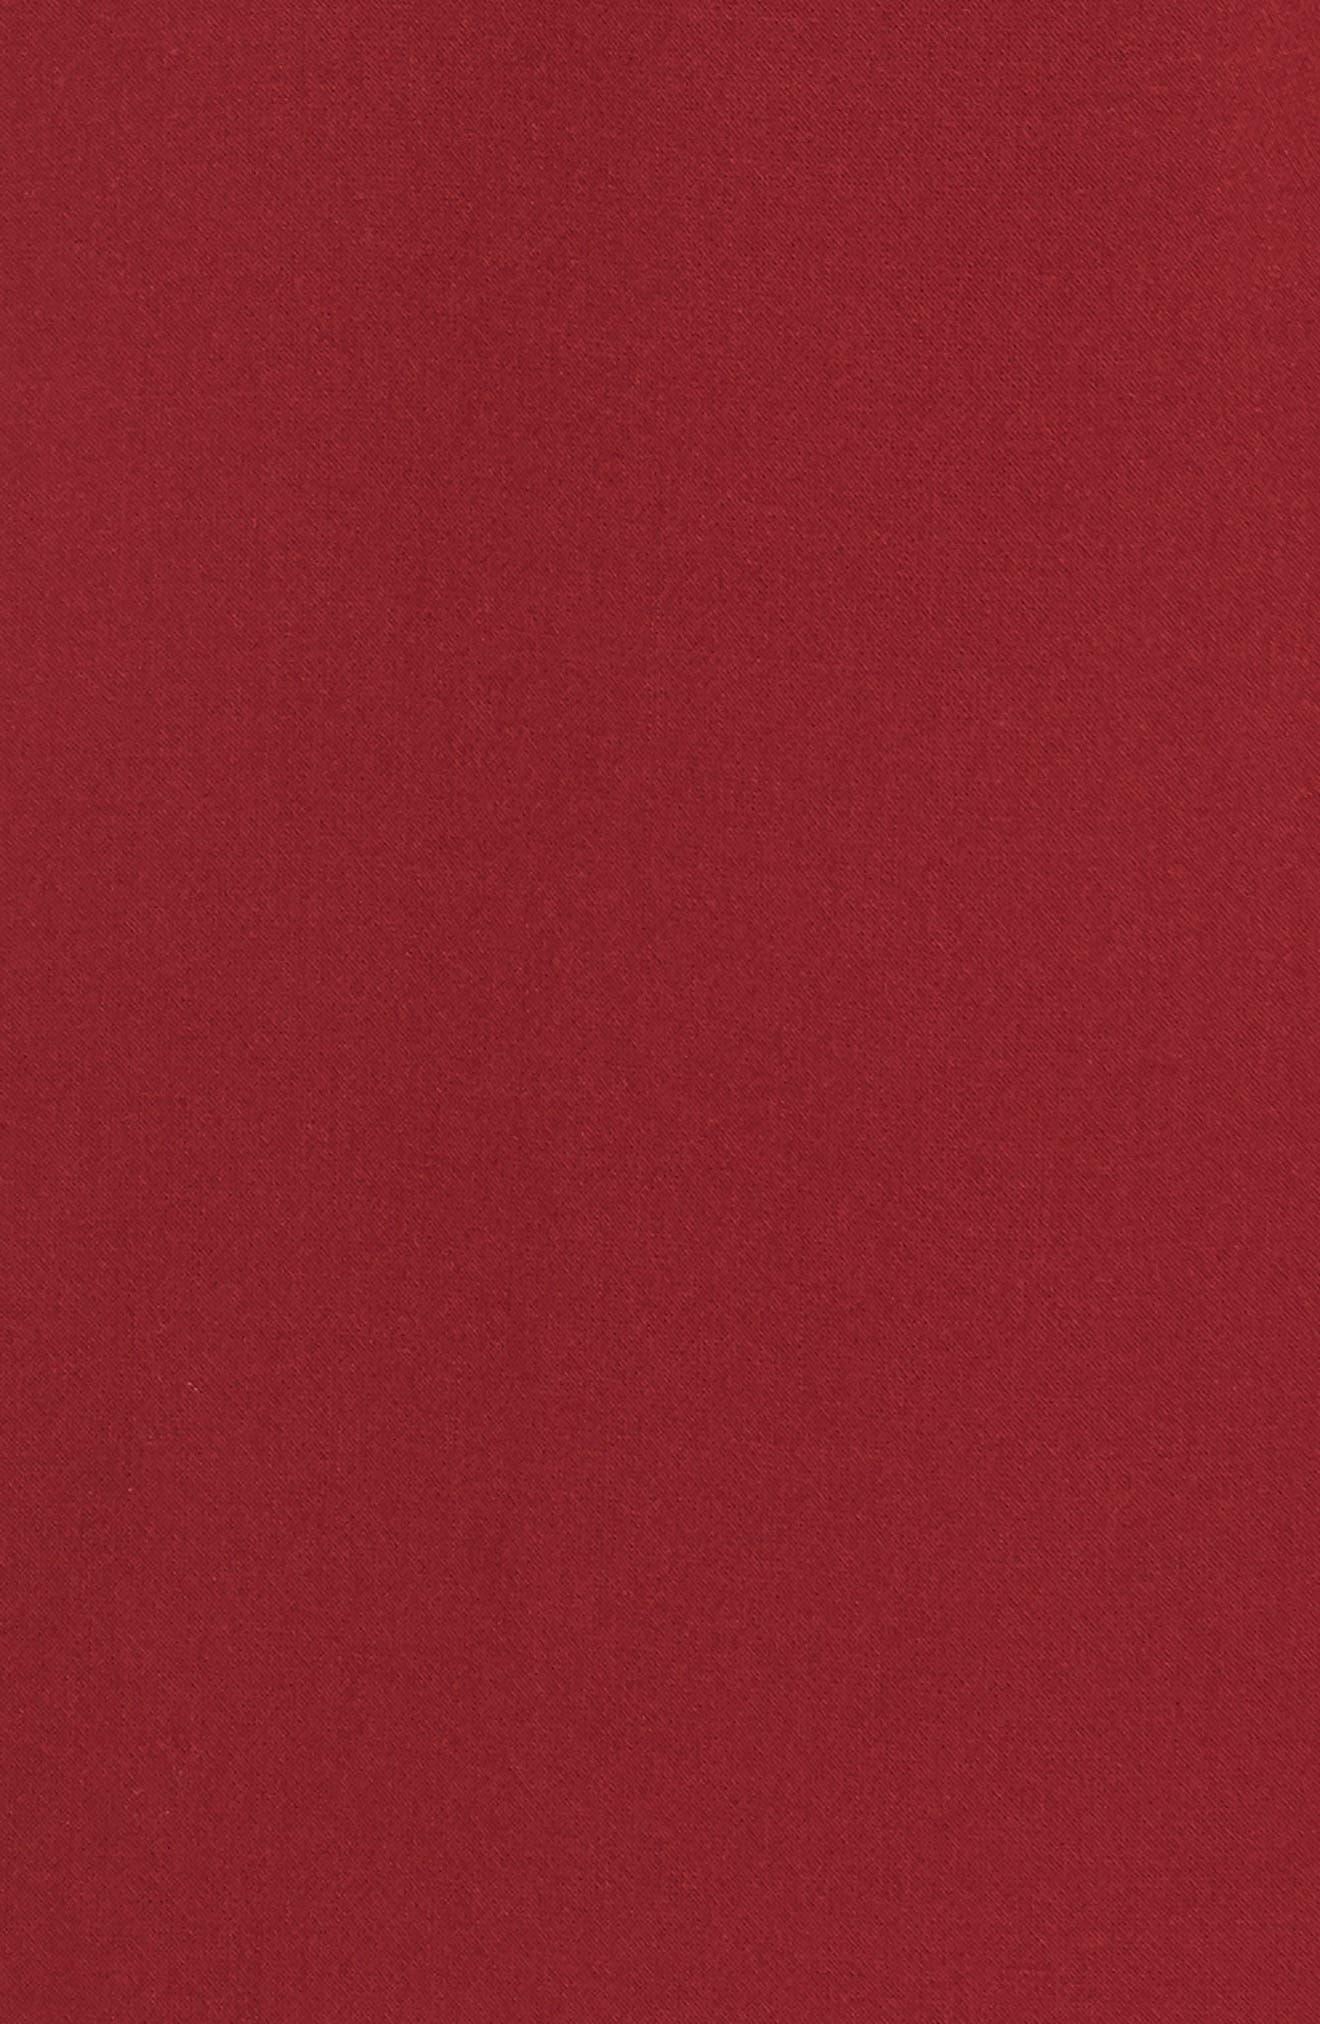 V-Back Tank Dress,                             Alternate thumbnail 6, color,                             DEEP FRAMBOISE